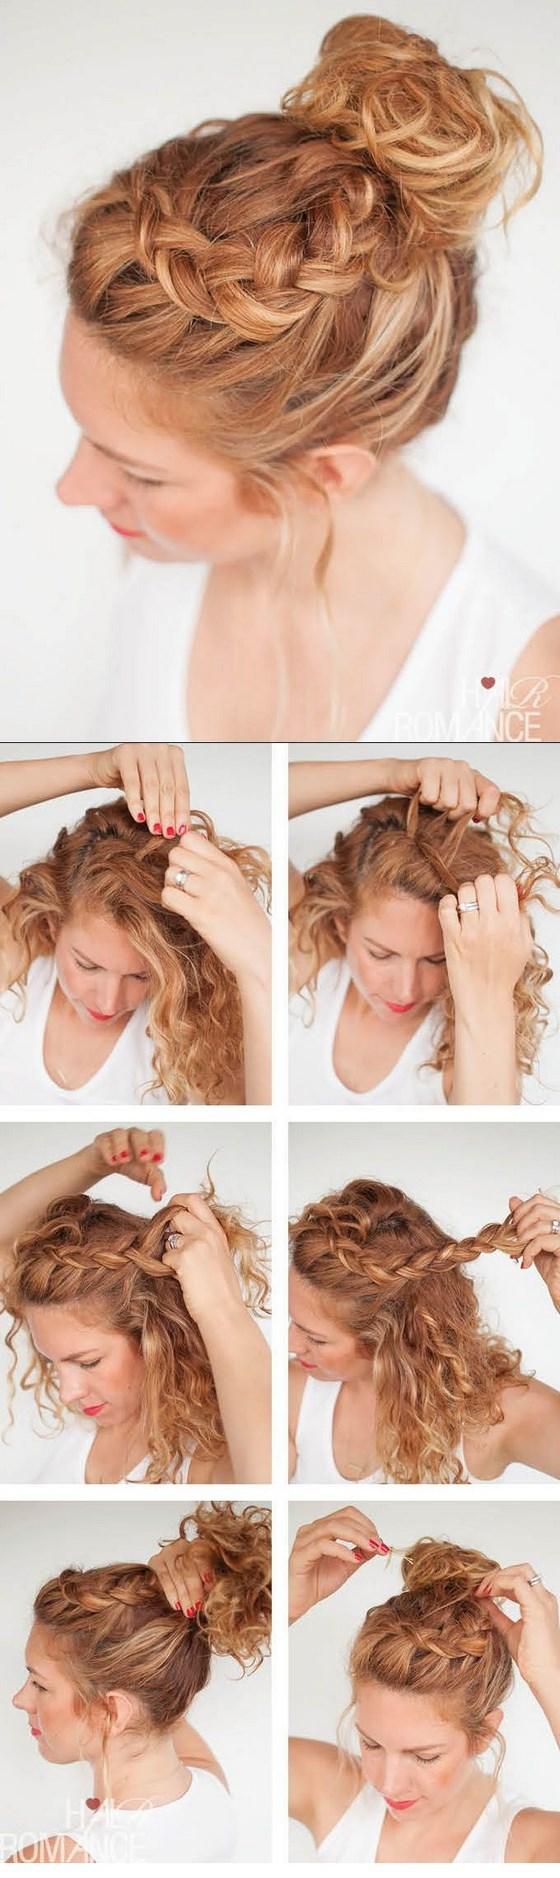 Peinados faciles para cabello dificil